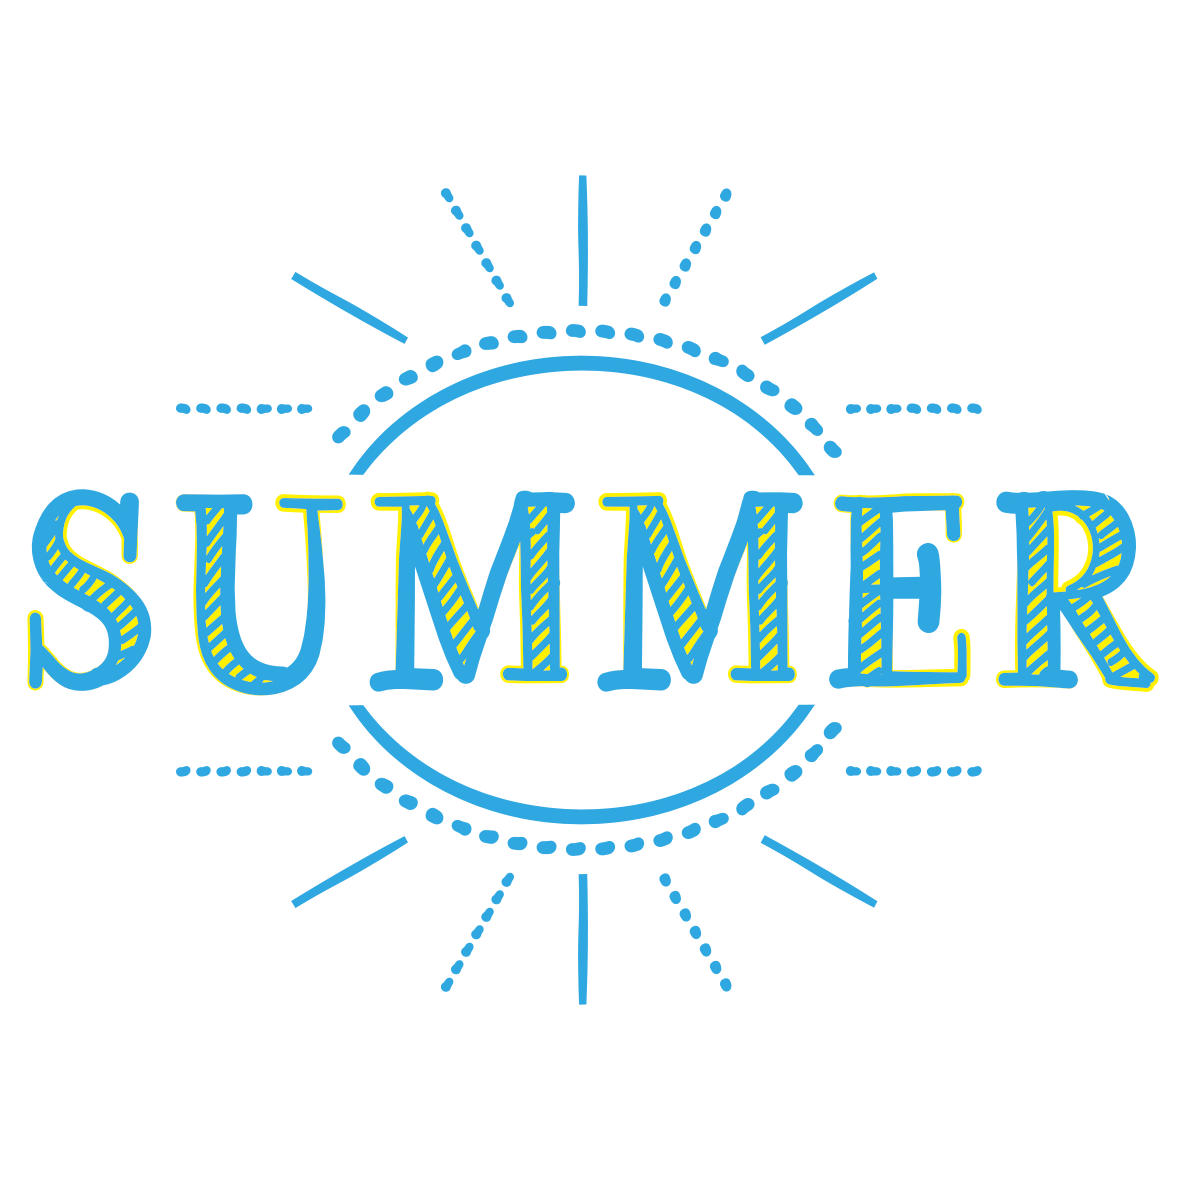 summerのタイトル文字」 - 無料イラスト愛